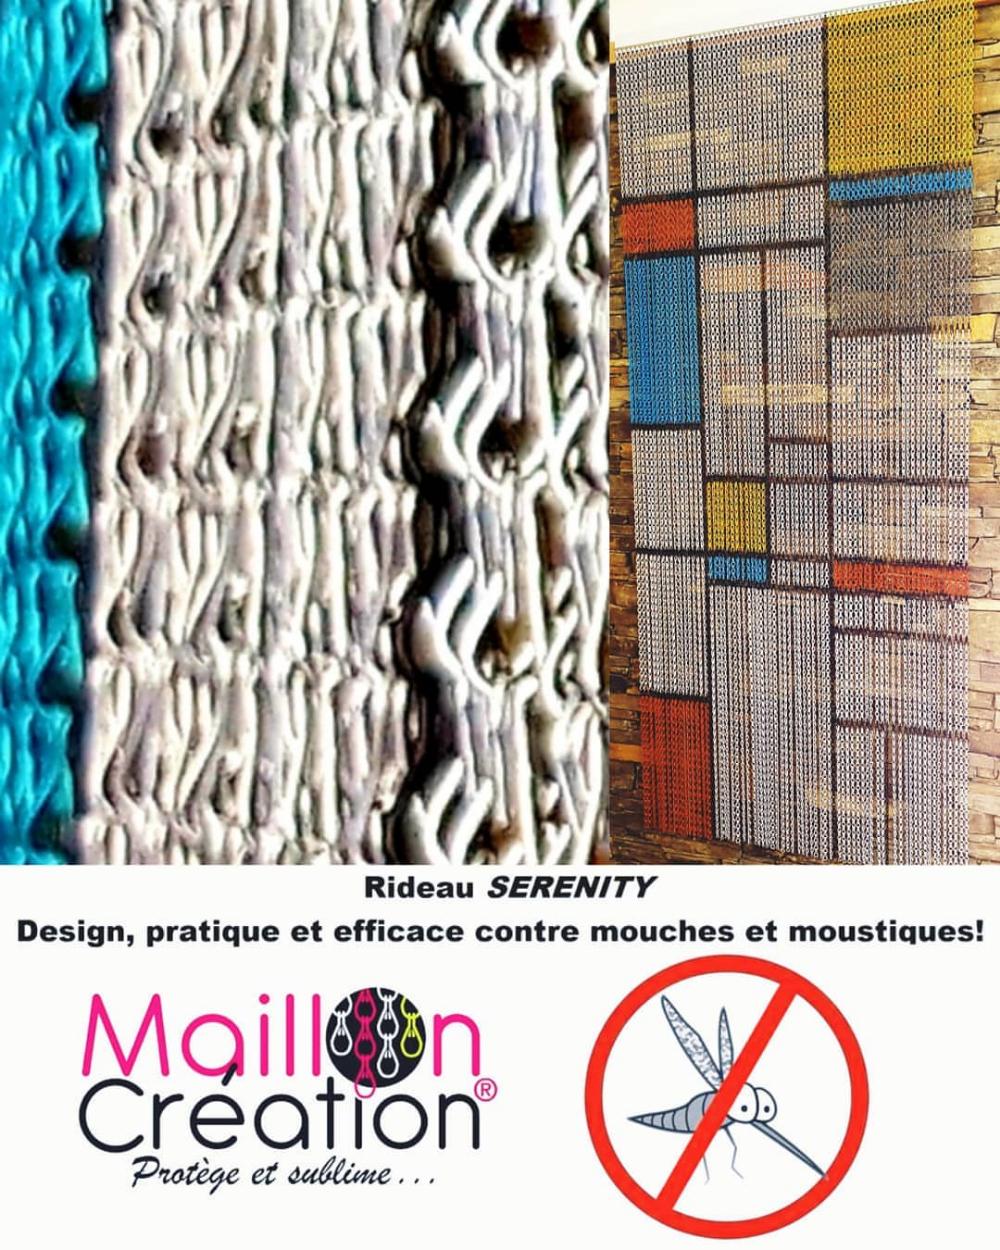 Rideau De Porte En Chainette D'Aluminium. Rideau De Porte encequiconcerne Rideau De Porte Anti Mouche